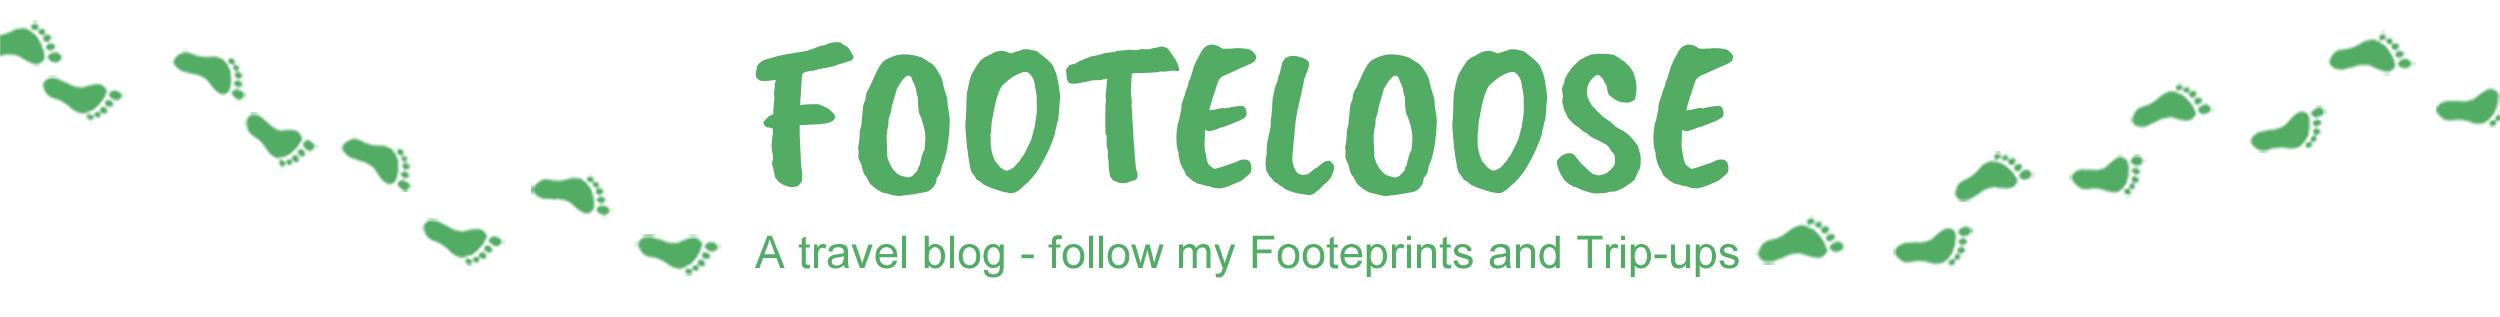 Footeloose